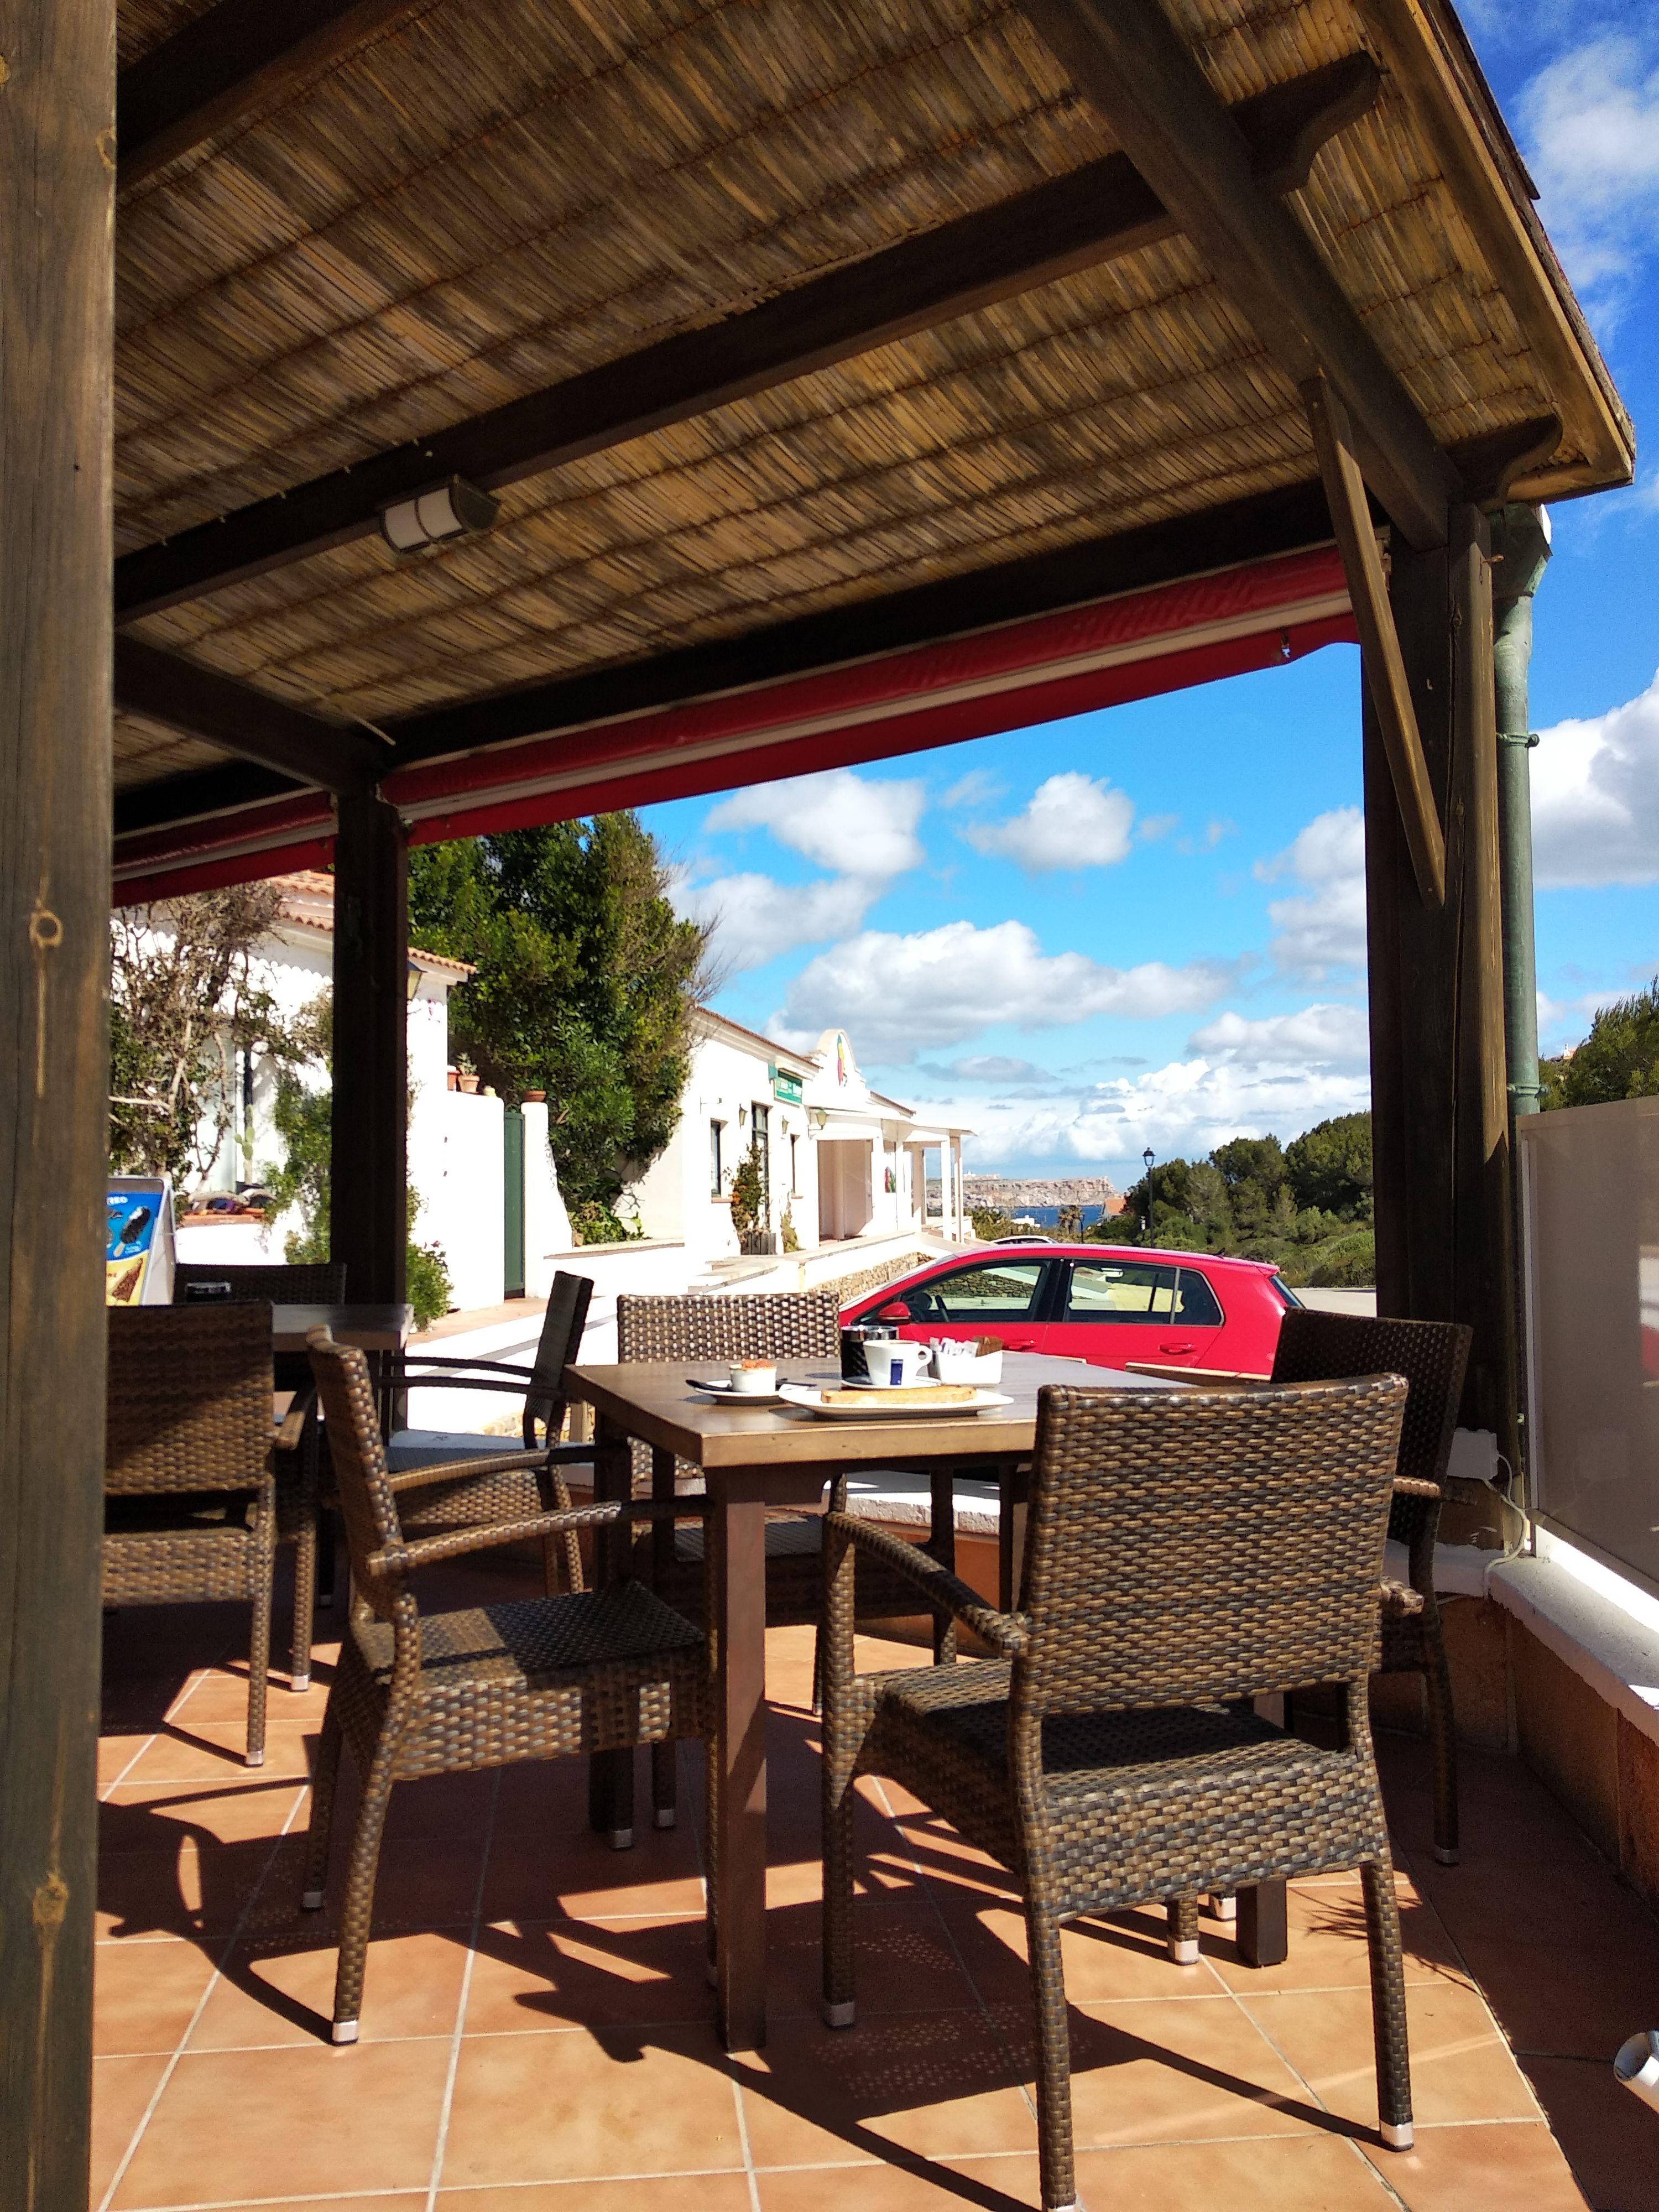 Foto 16 de Cocina mediterránea en Es Mercadal | Restaurant Es Cactus